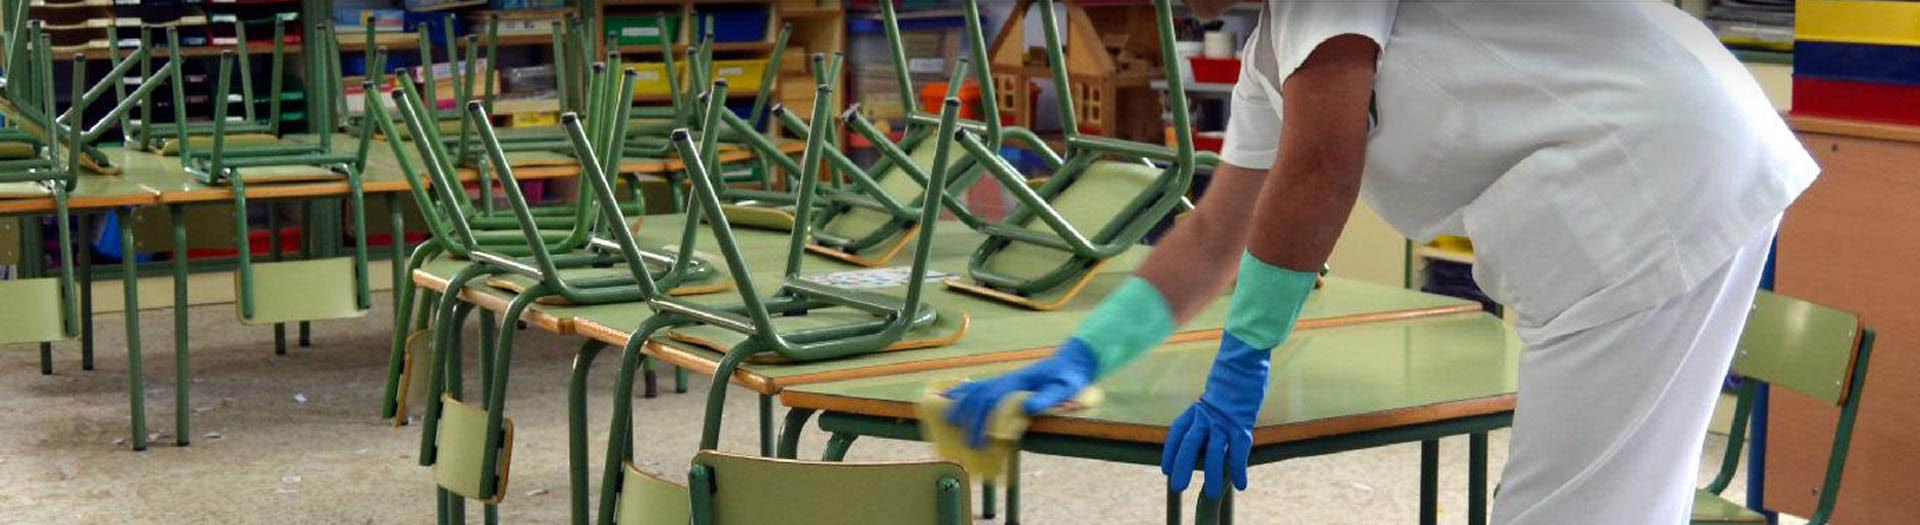 limpieza de institutos malaga